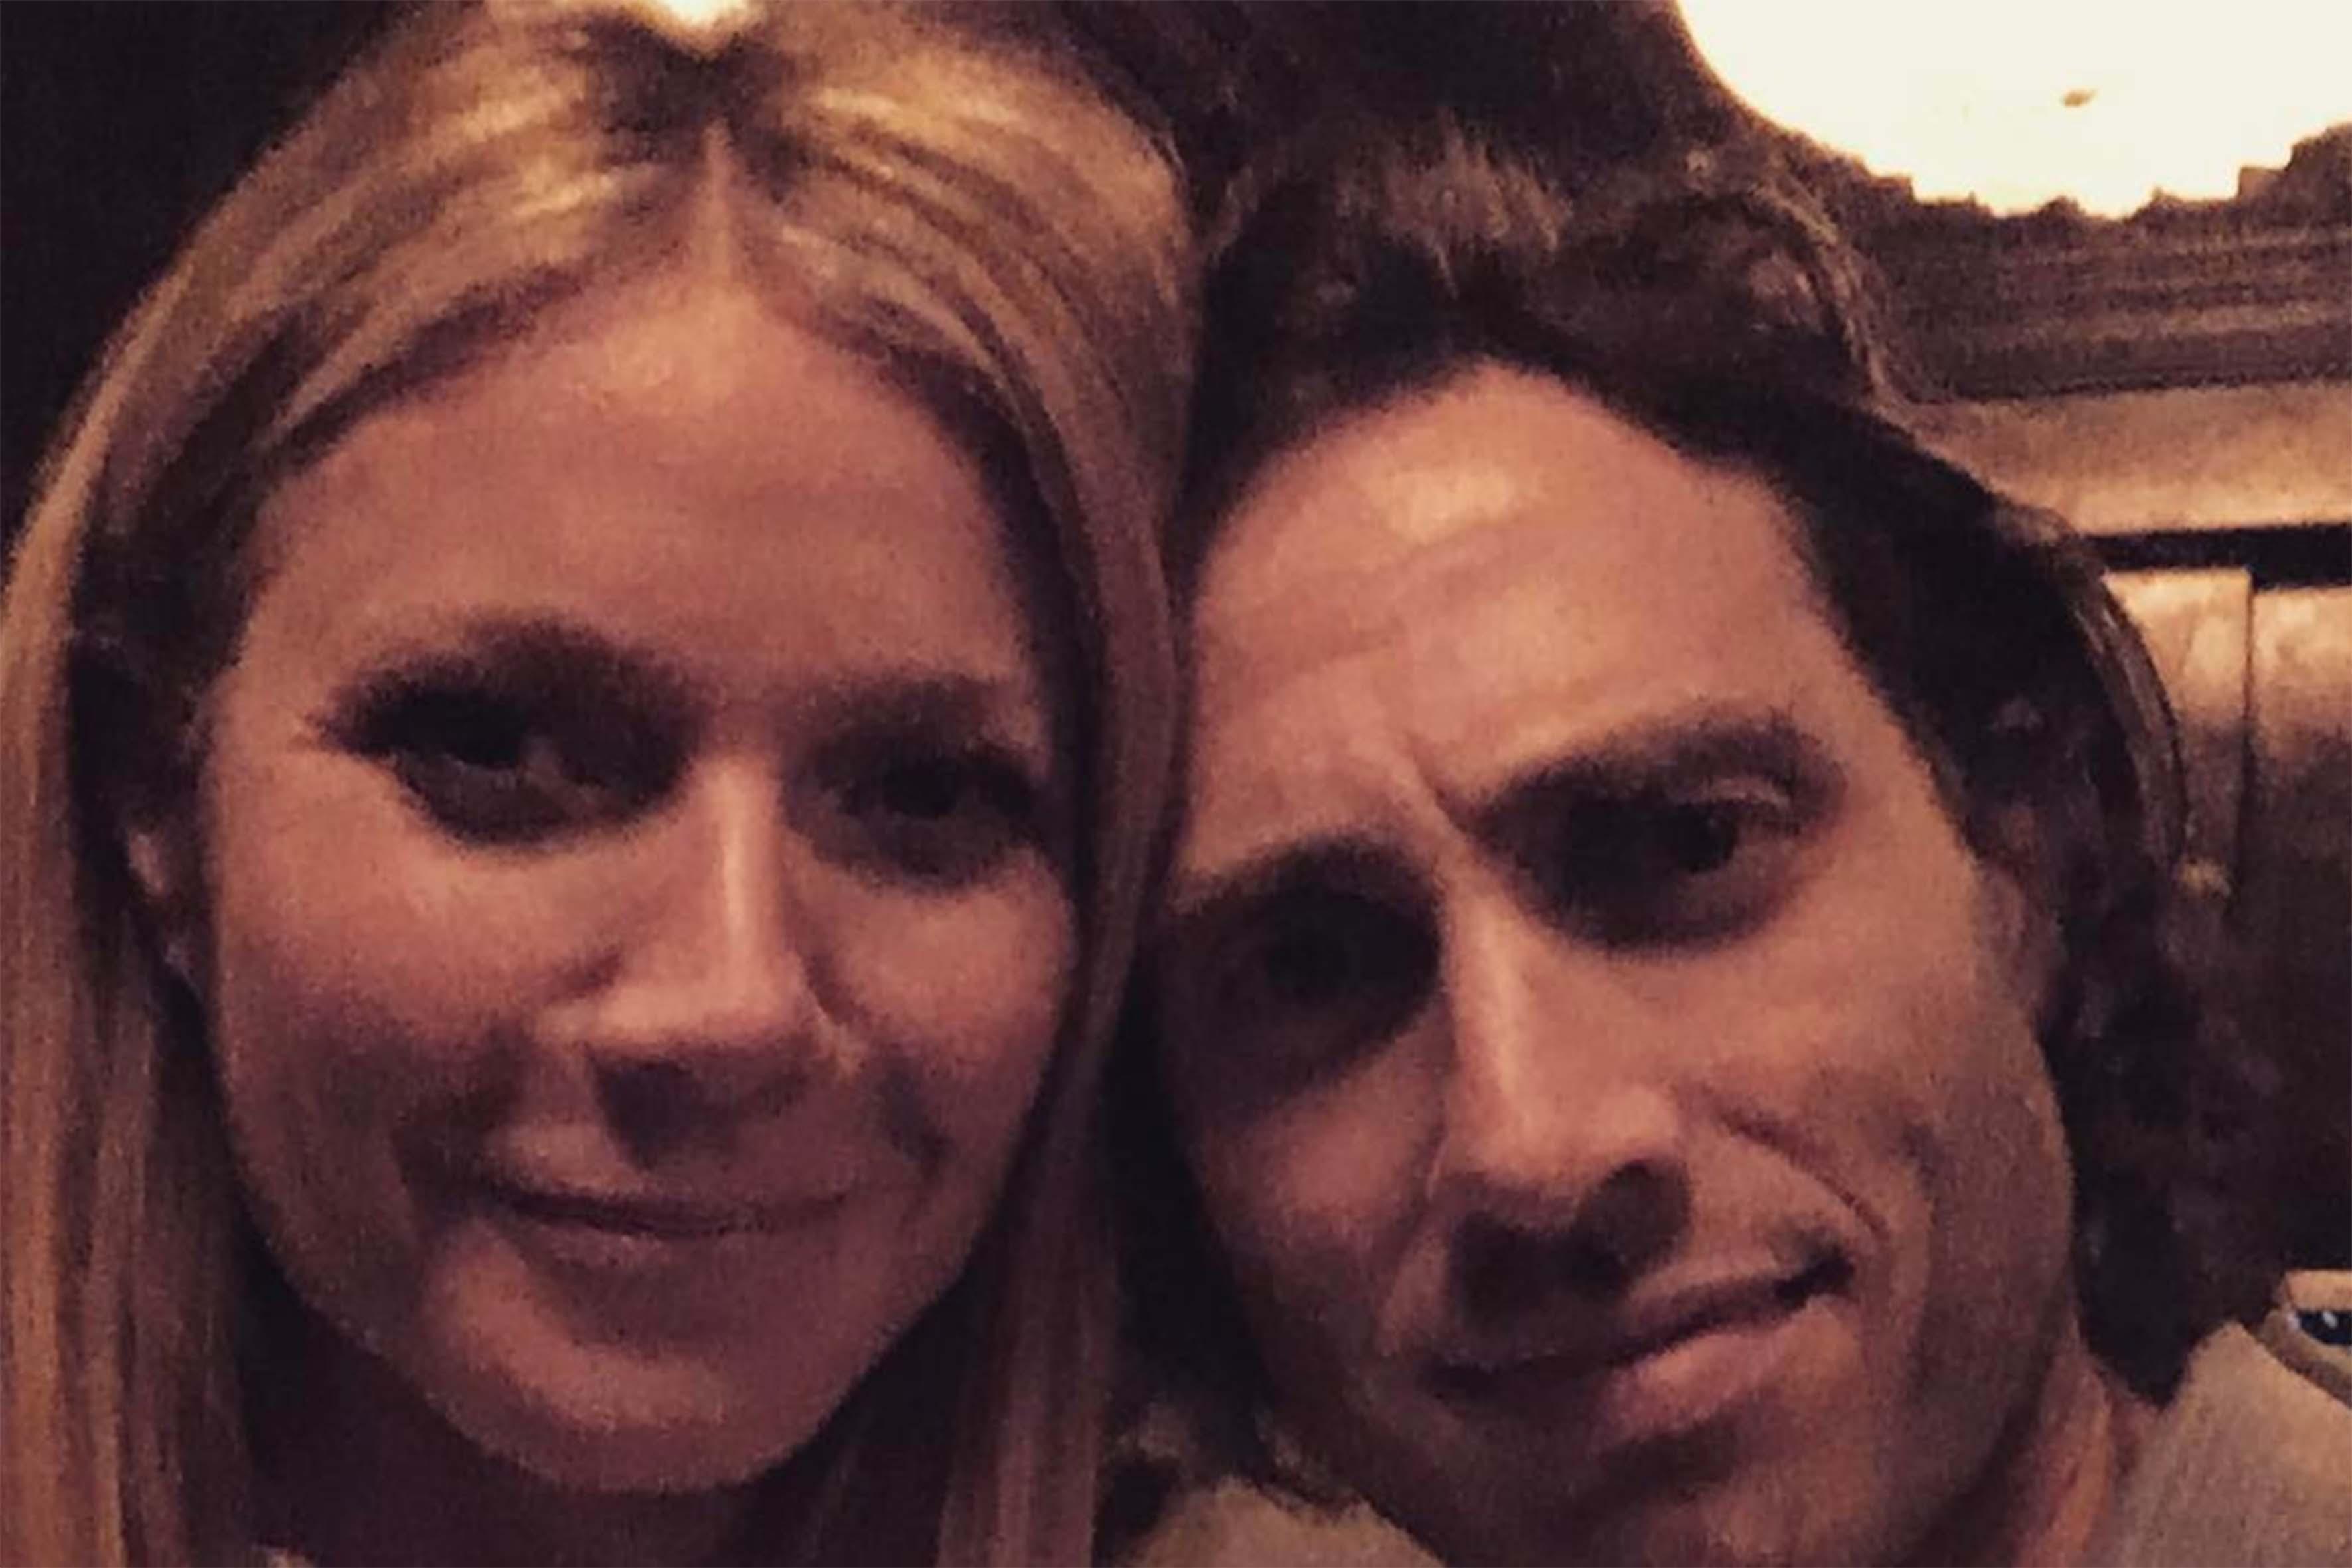 """Era il settembre del 2015 quando cominciarono a circolare in rete le prime indiscrezioni sulla relazione tra Gwyneth e Brad. I due si sono conosciuti sul set di """"Glee"""", di cui Falchuk è produttore e in cui l'attrice 45enne ha recitato in qualità di guest star"""